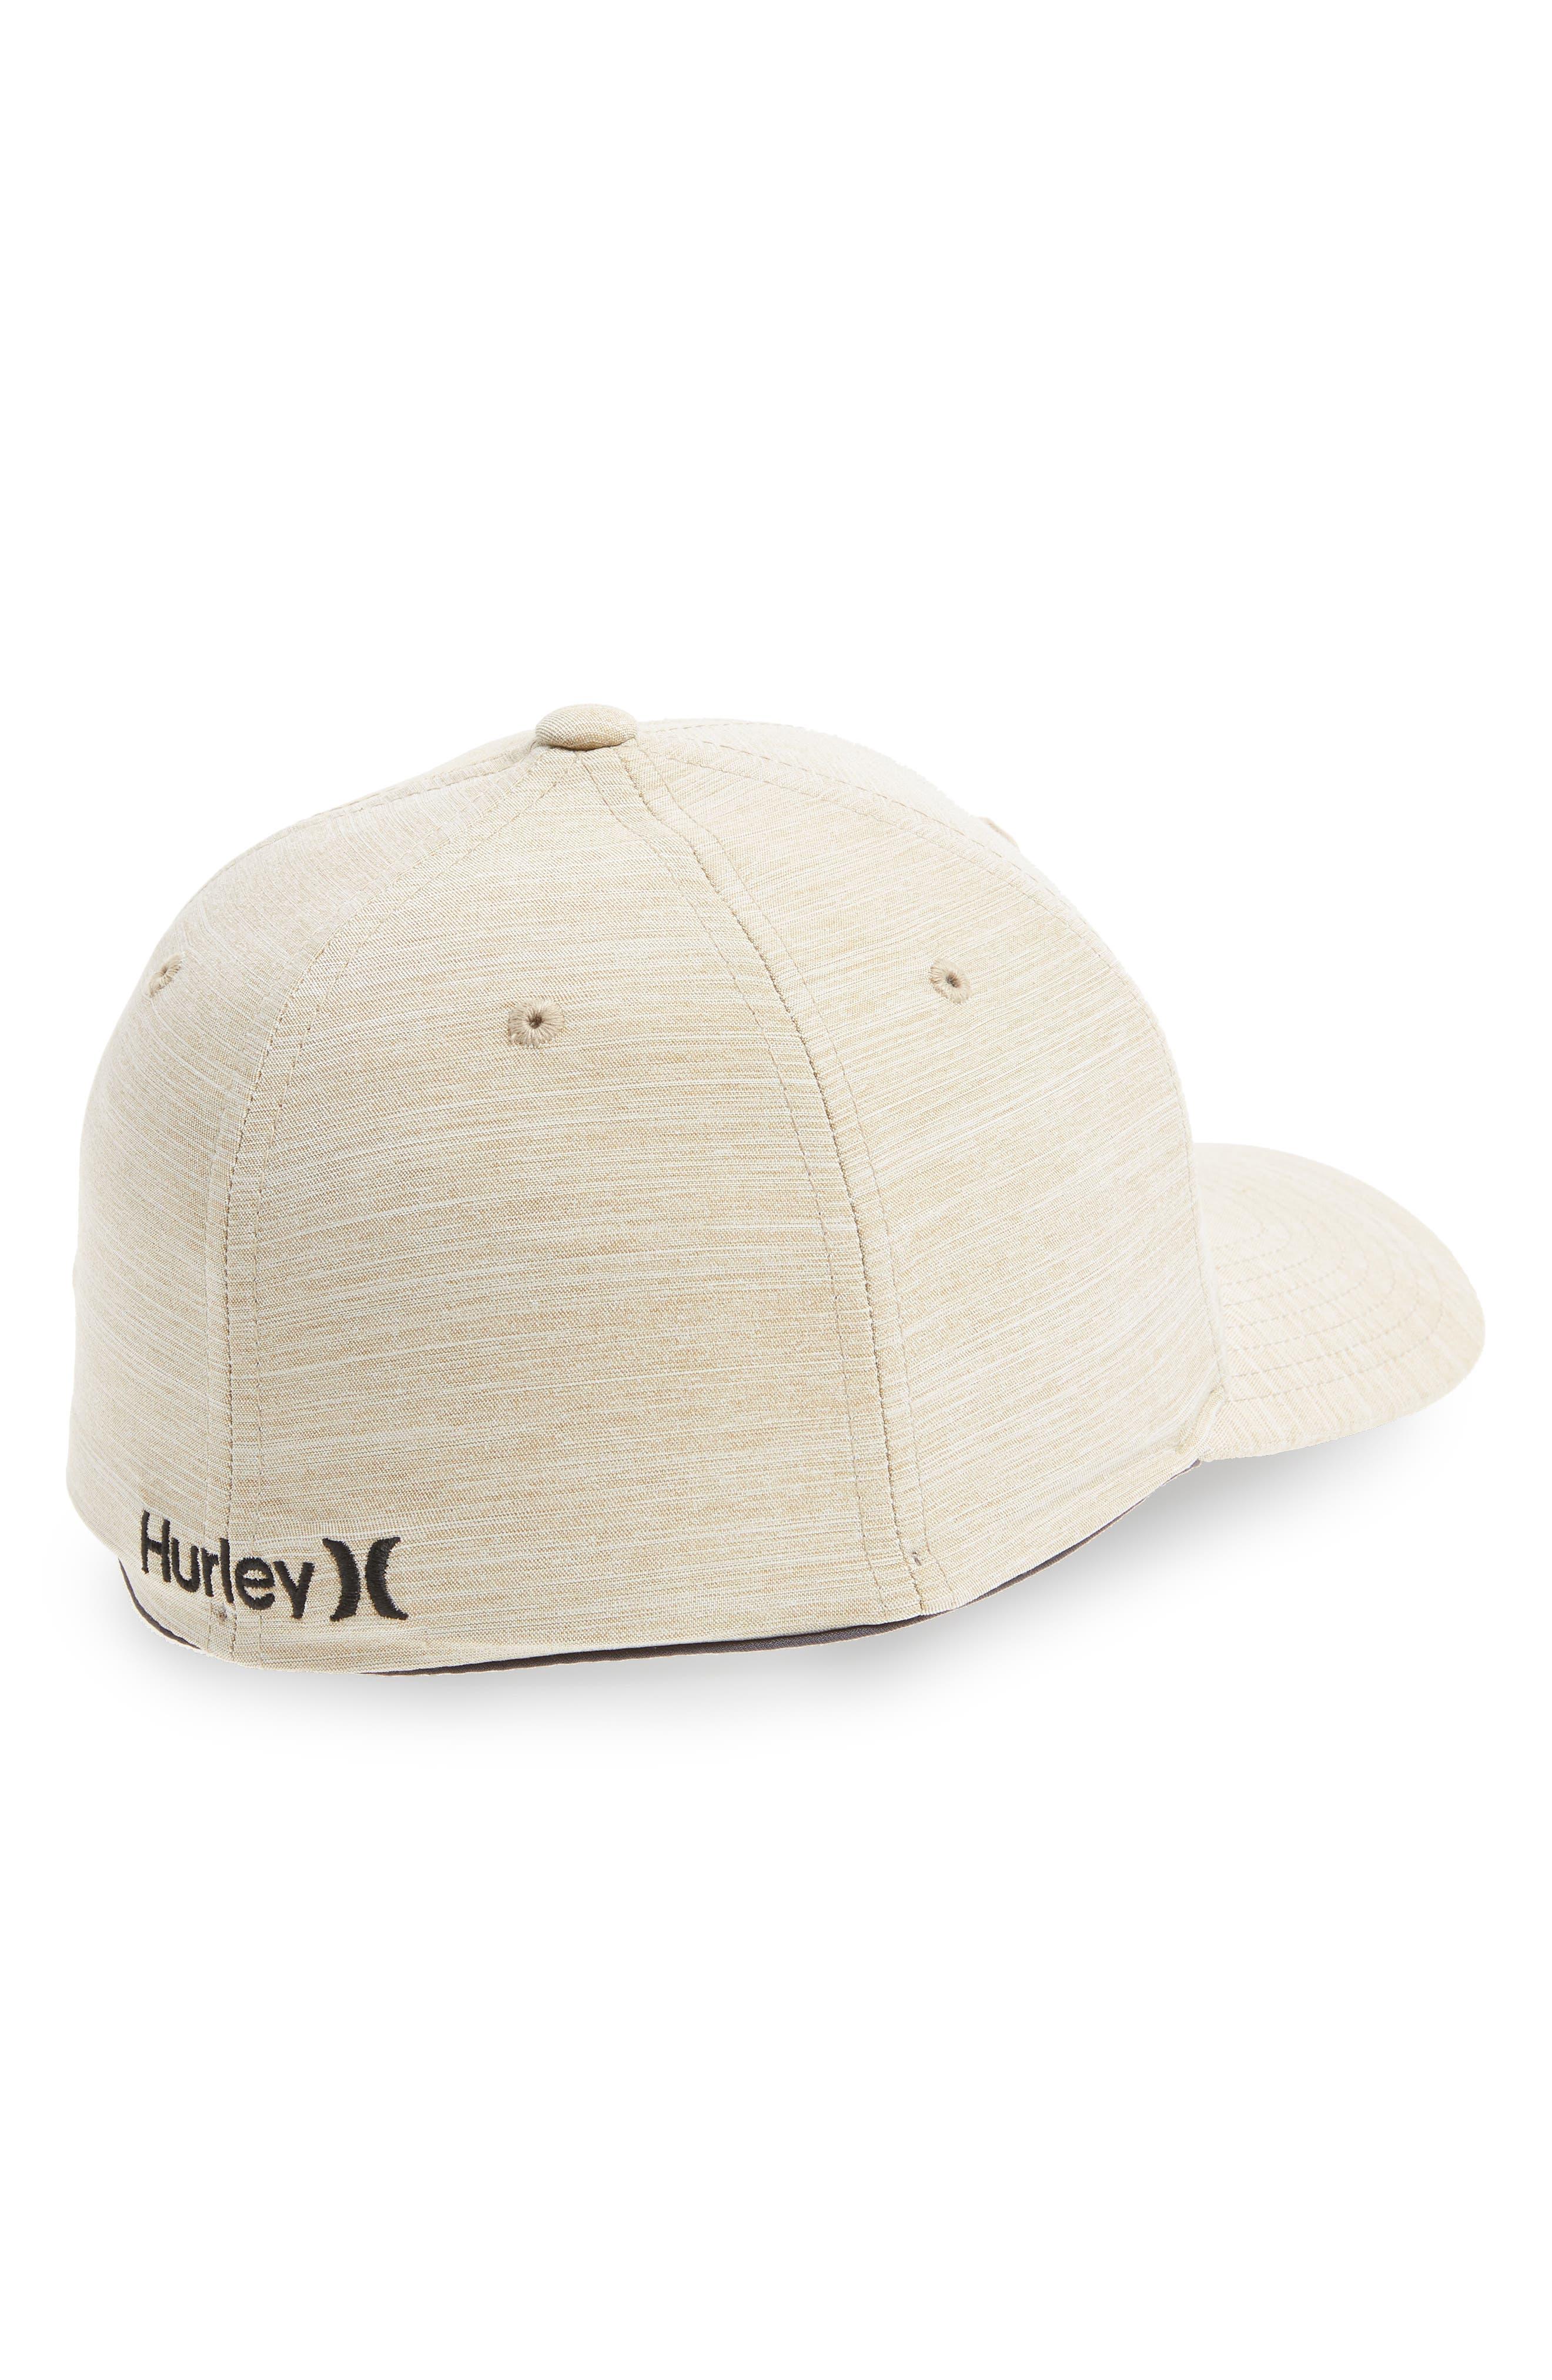 d152834fdaf Men s Hurley Hats